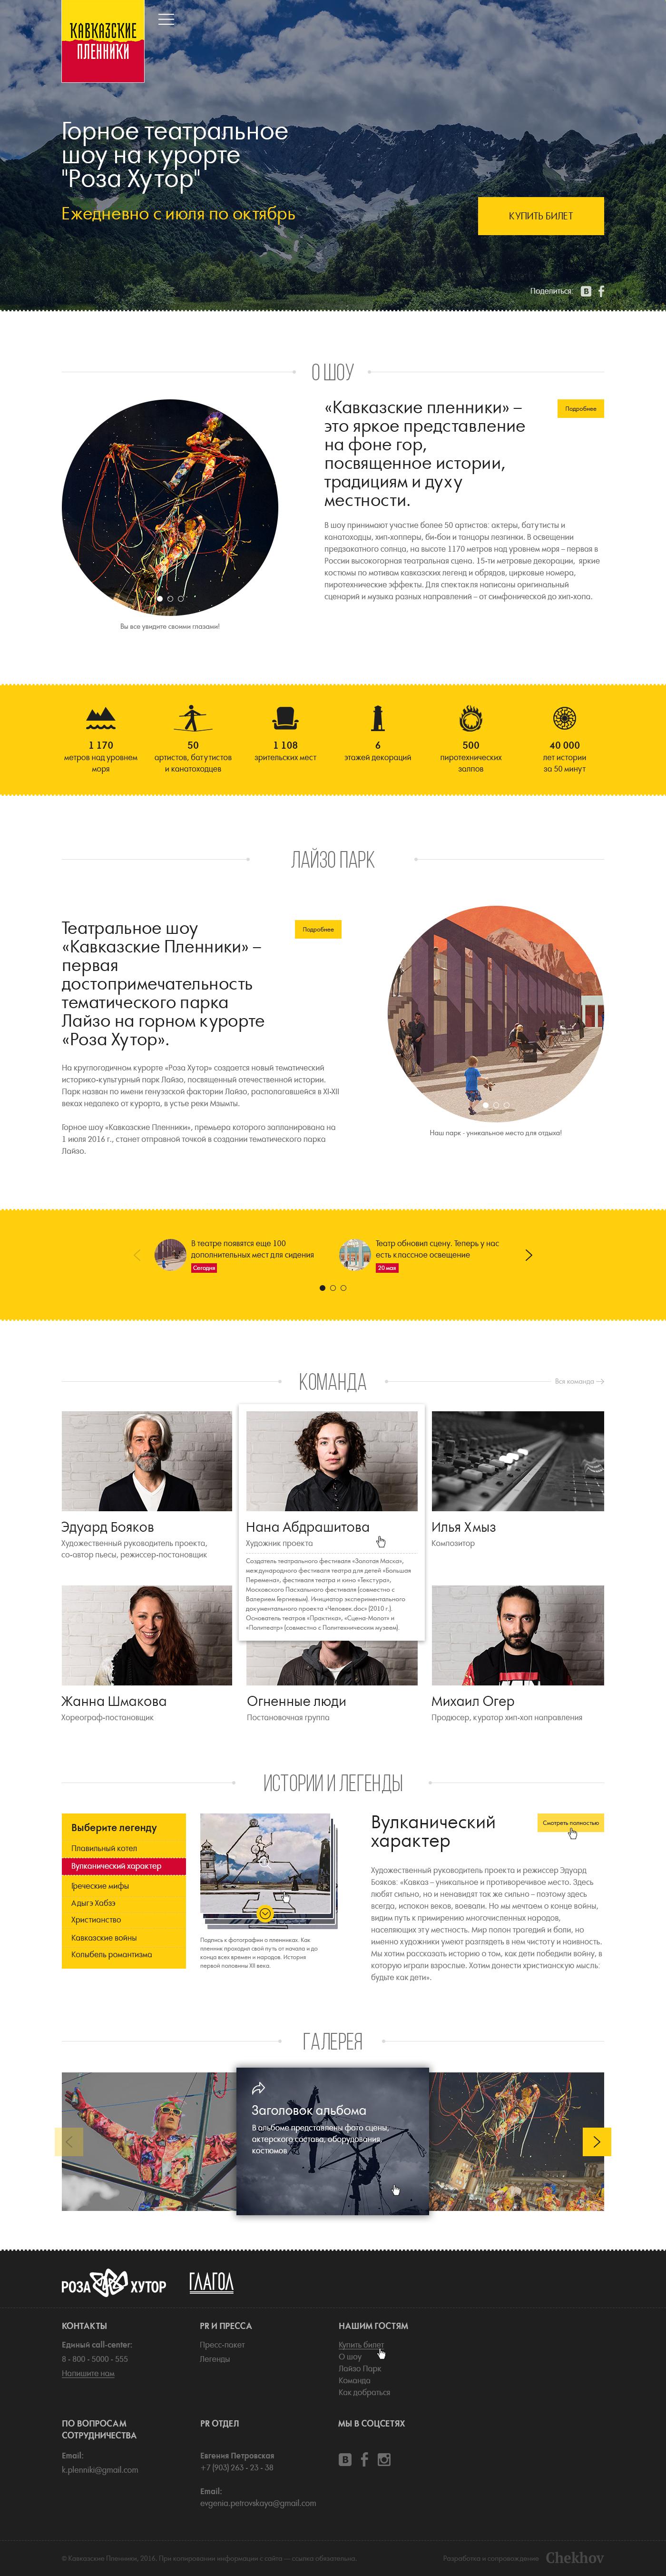 UI ux Show Website Entertainment